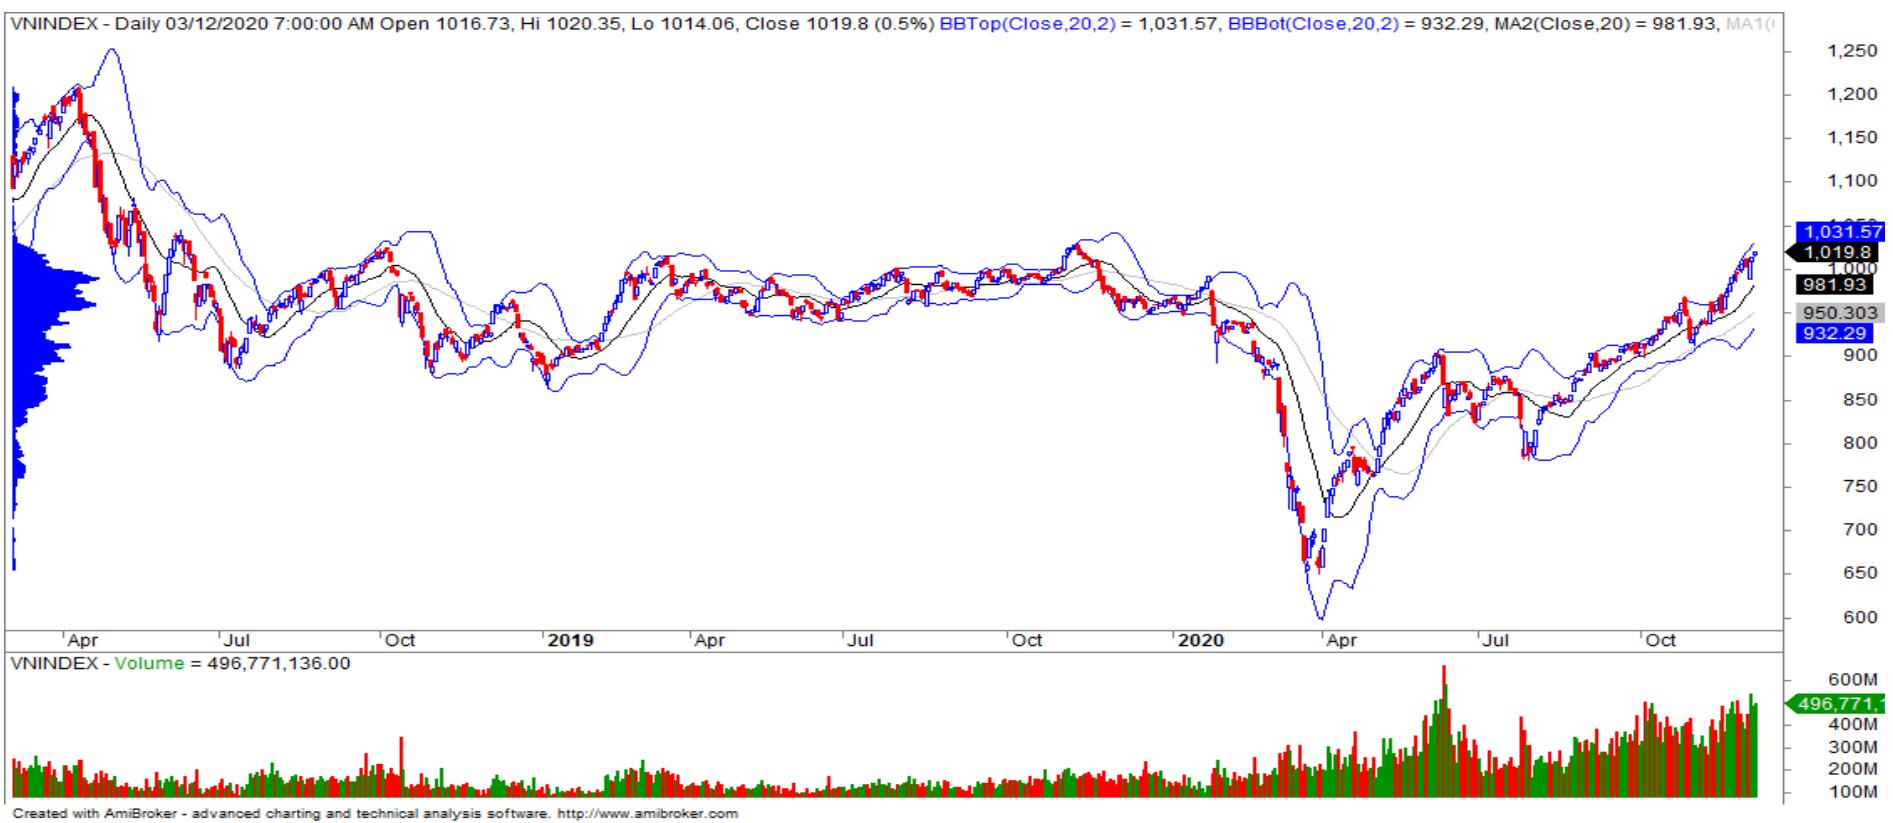 Nhận định thị trường chứng khoán 4/12: Cơ hội vượt mốc tâm lí 1.030 điểm đang rộng mở - Ảnh 1.